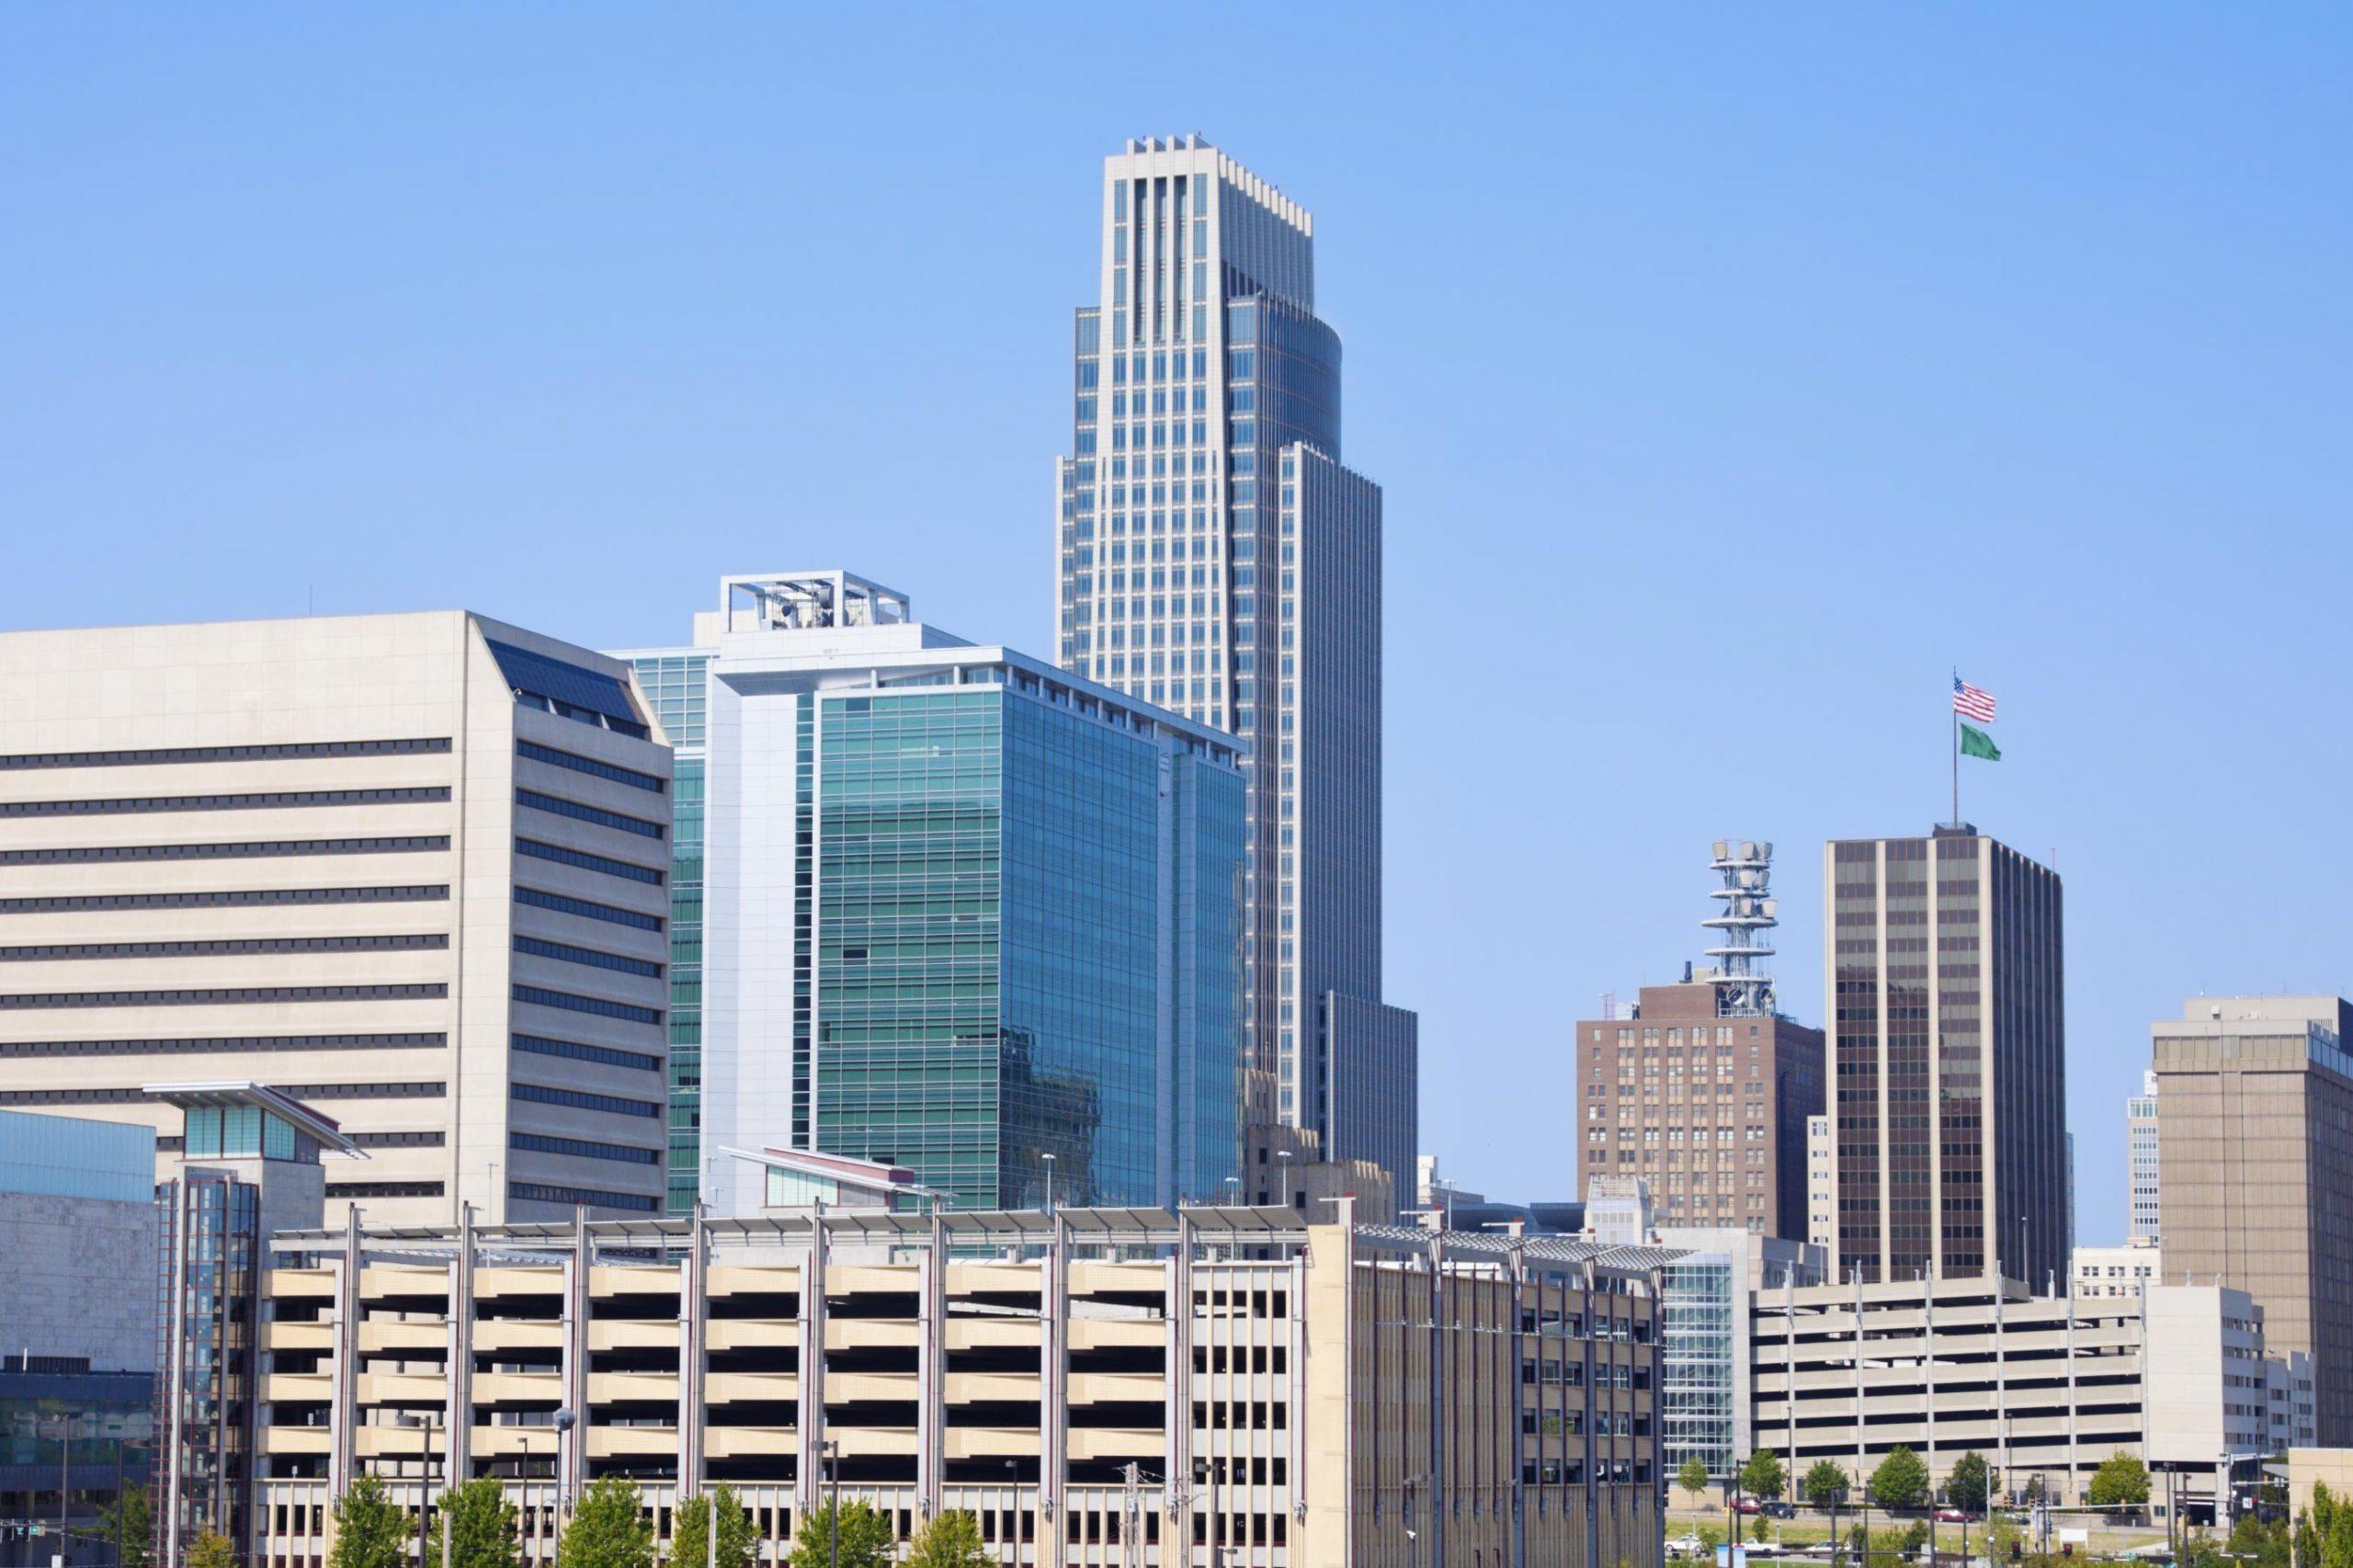 Nebraska: First National Bank Tower